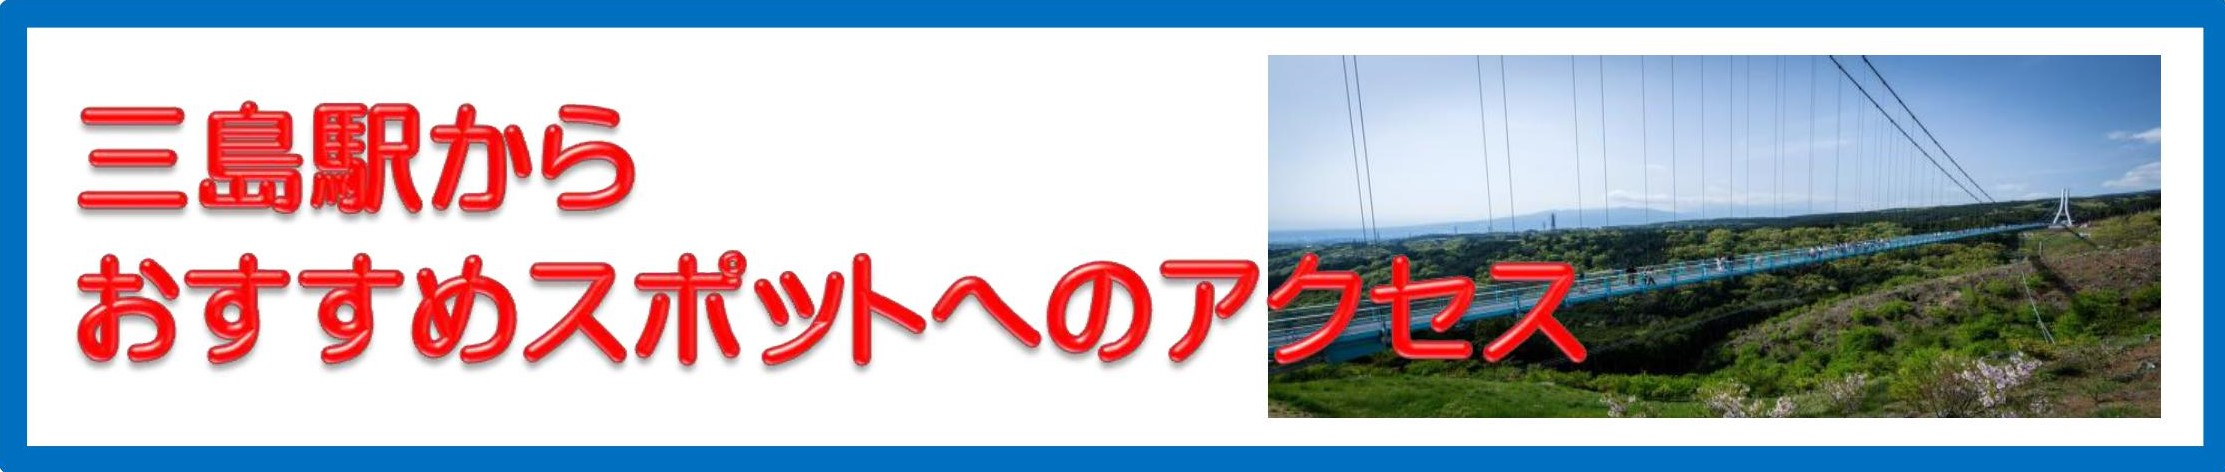 豊橋金券ショップフリーチケット|三島